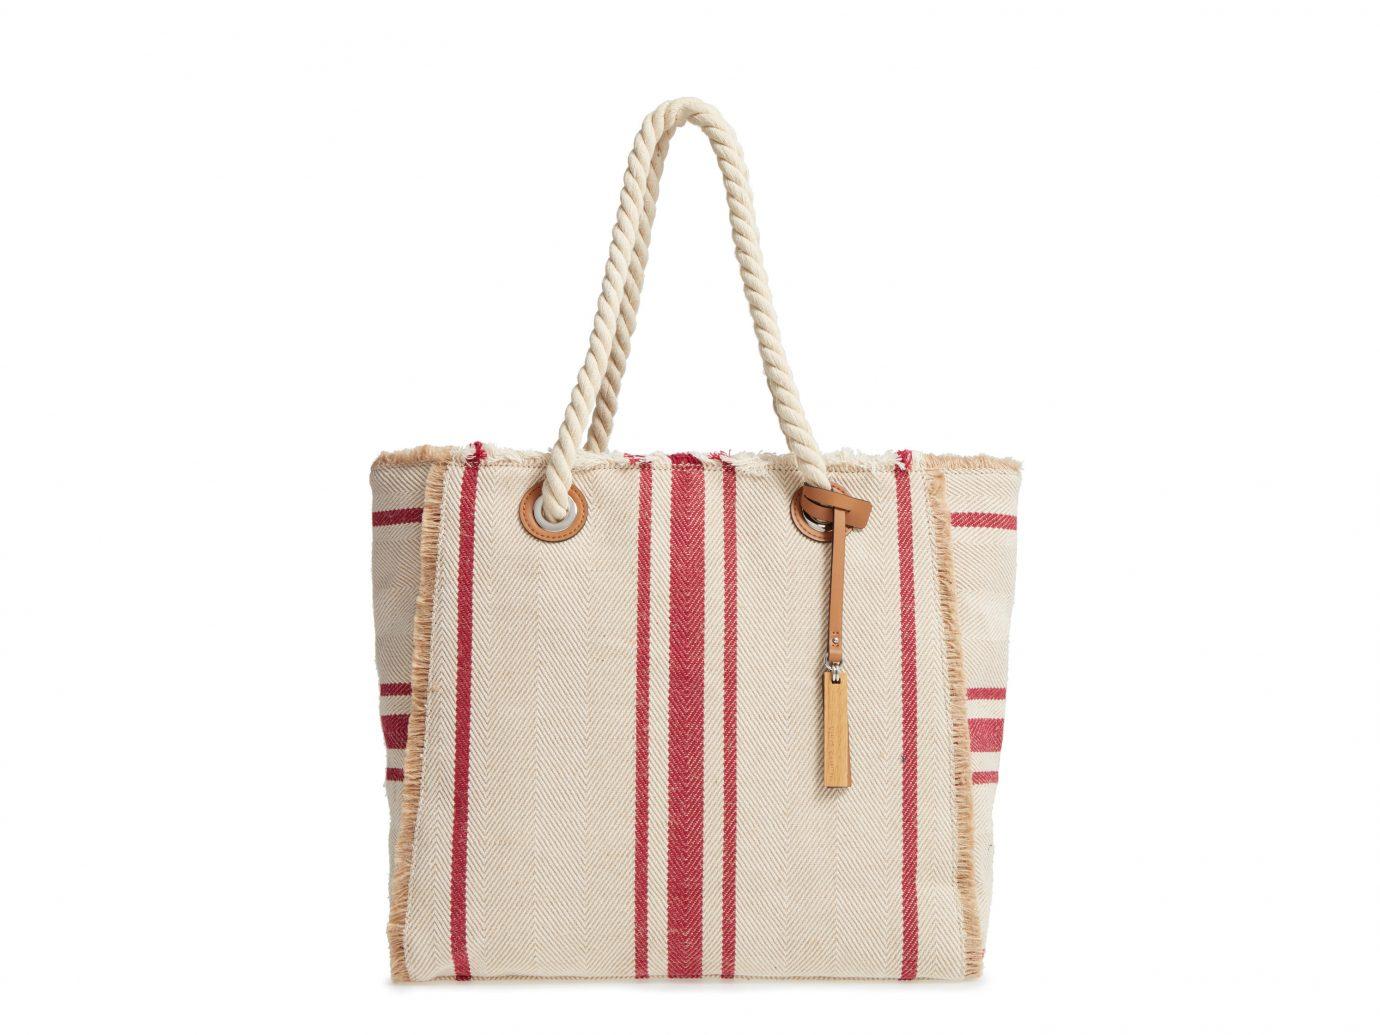 Style + Design handbag bag pink shoulder bag brown fashion accessory tote bag pattern beige brand accessory textile magenta